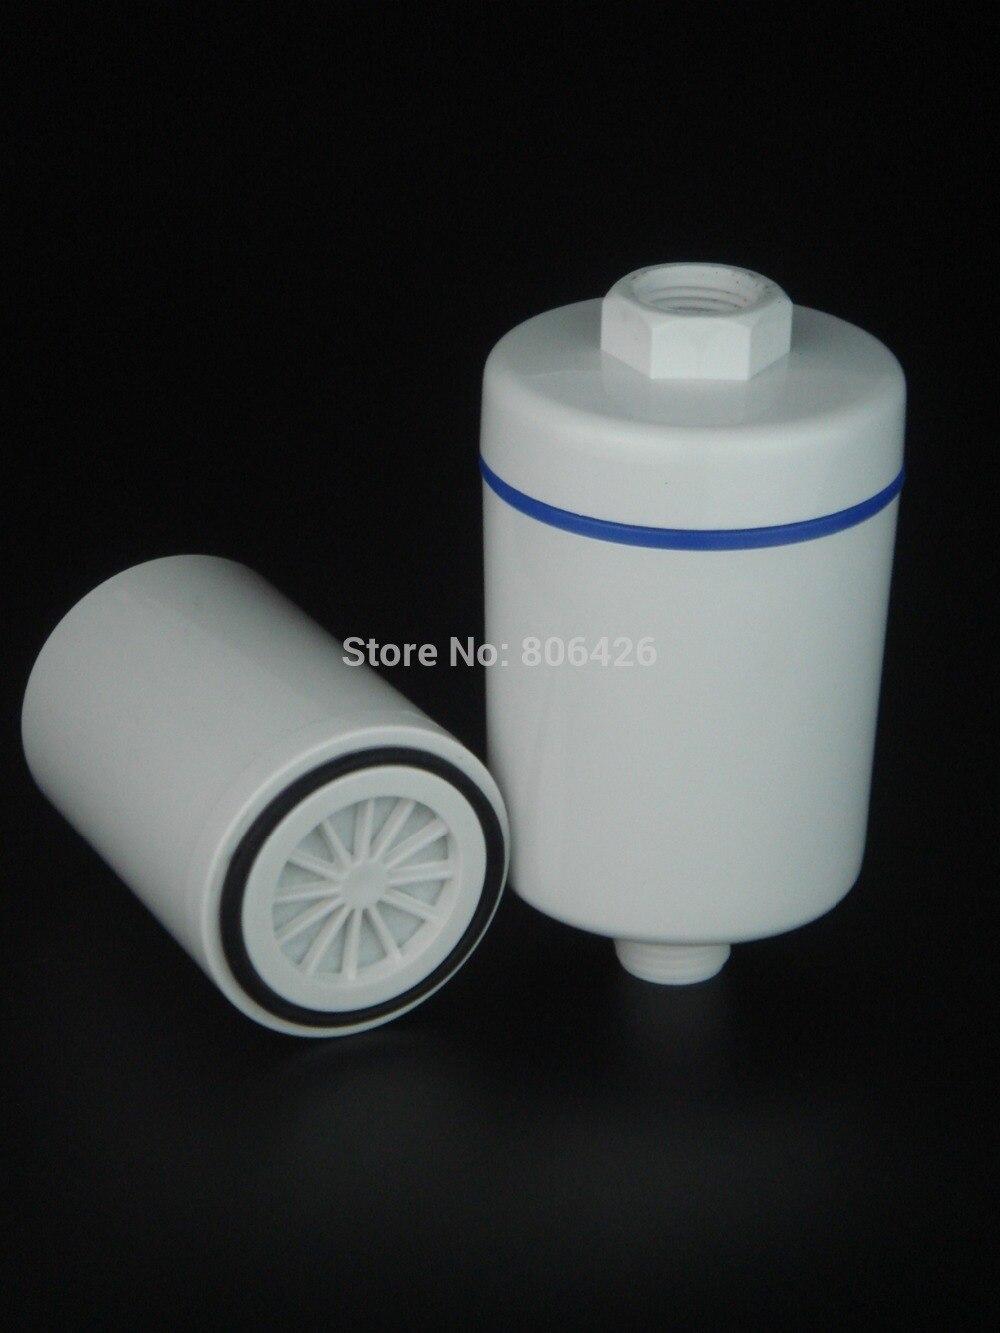 Без хлора Душ фильтр/SPA очиститель воды замена с KDF и углерода/сульфит кальция для wippe от химических и тяжелых металлов